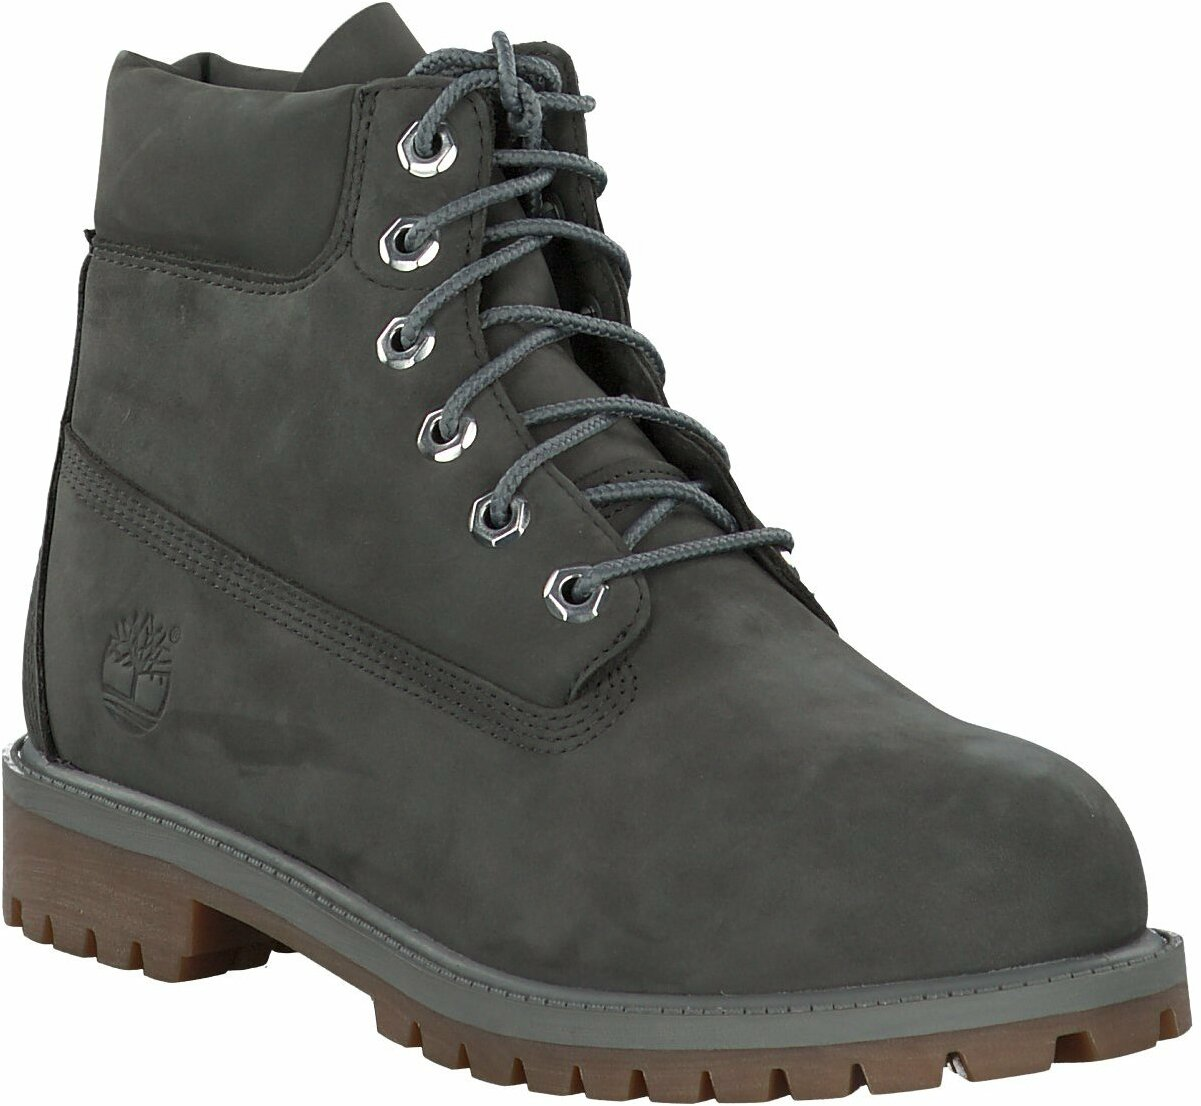 Razón borracho Fiesta  Timberland Damen-Boots aus Leder 722534 (Grau) im Online-Shop von GISY  kaufen